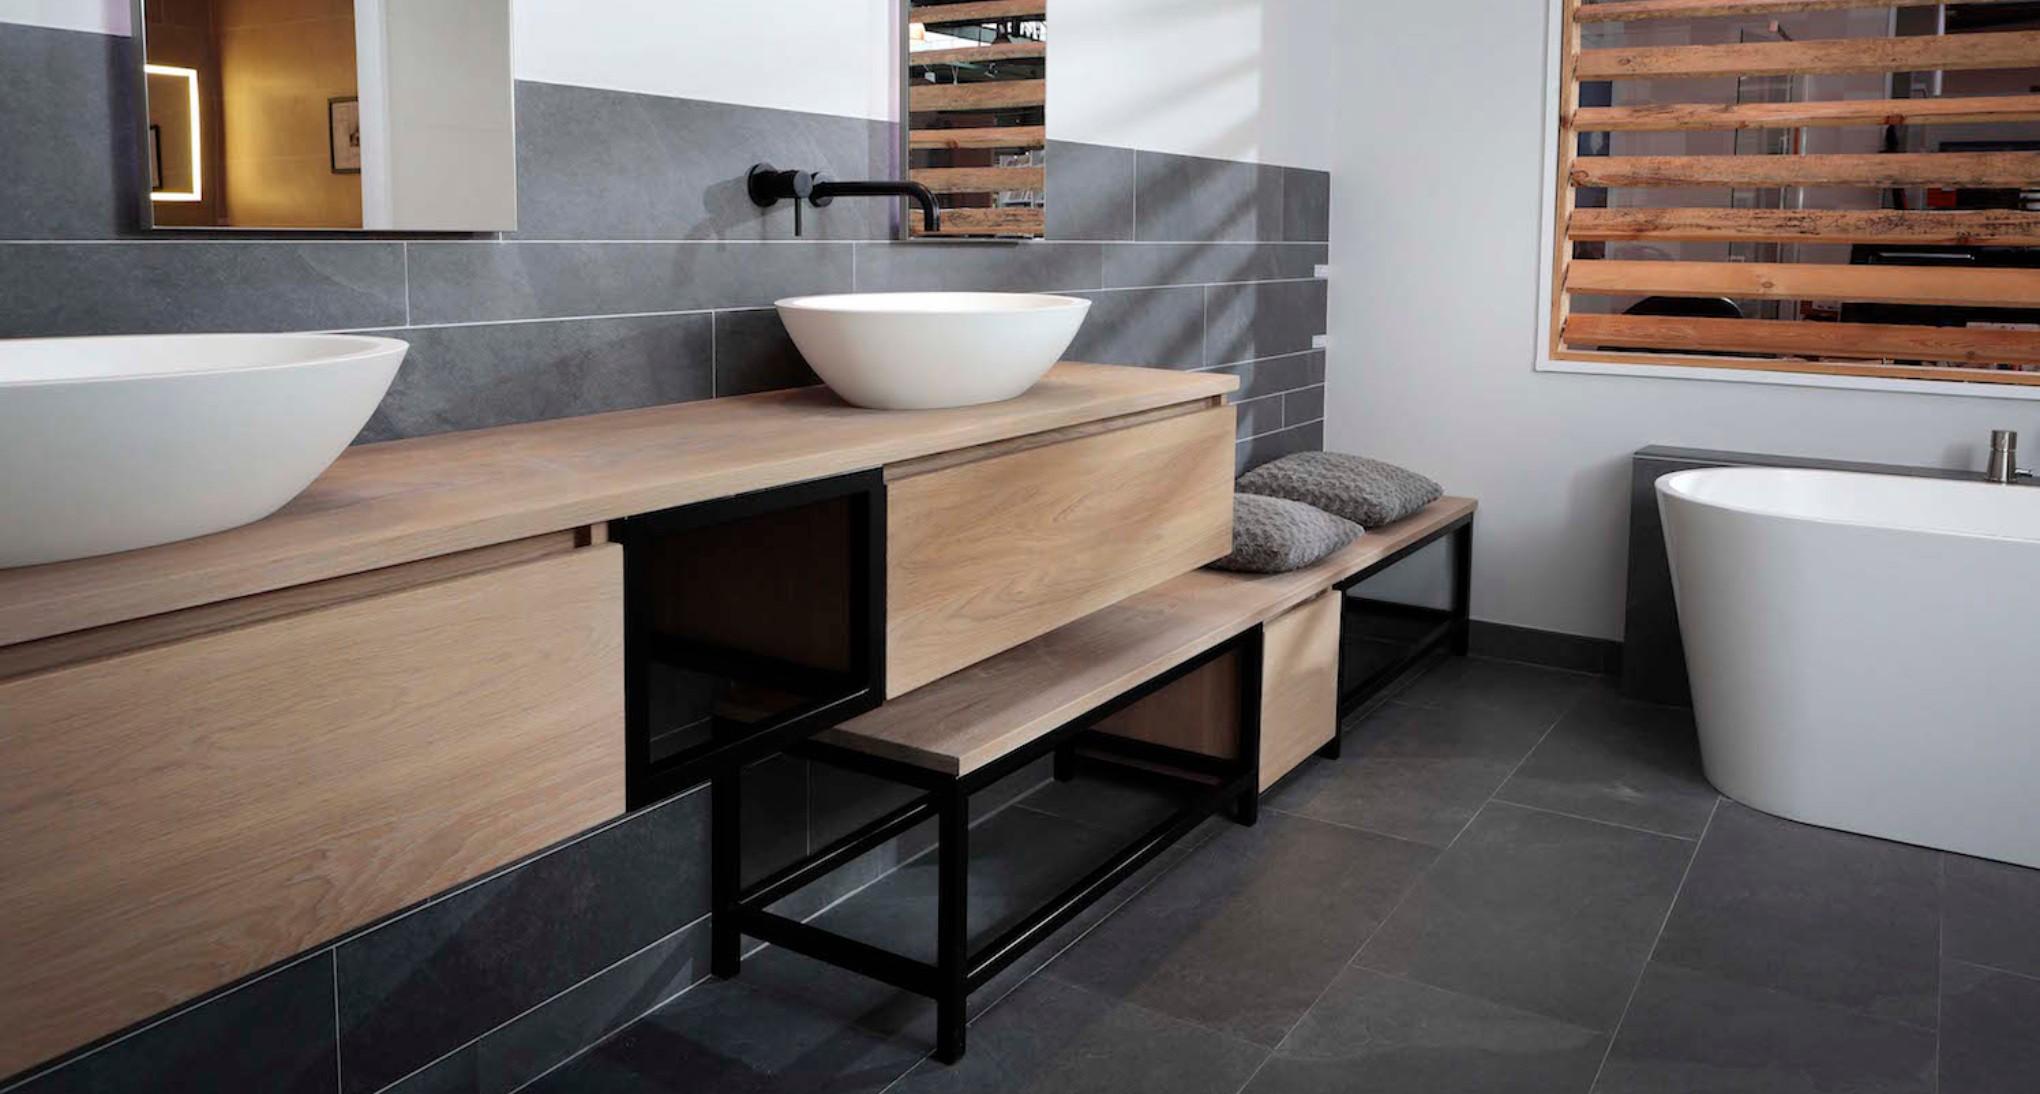 Concordia keuken & bad meppel nieuws steelframe badkamer meubel